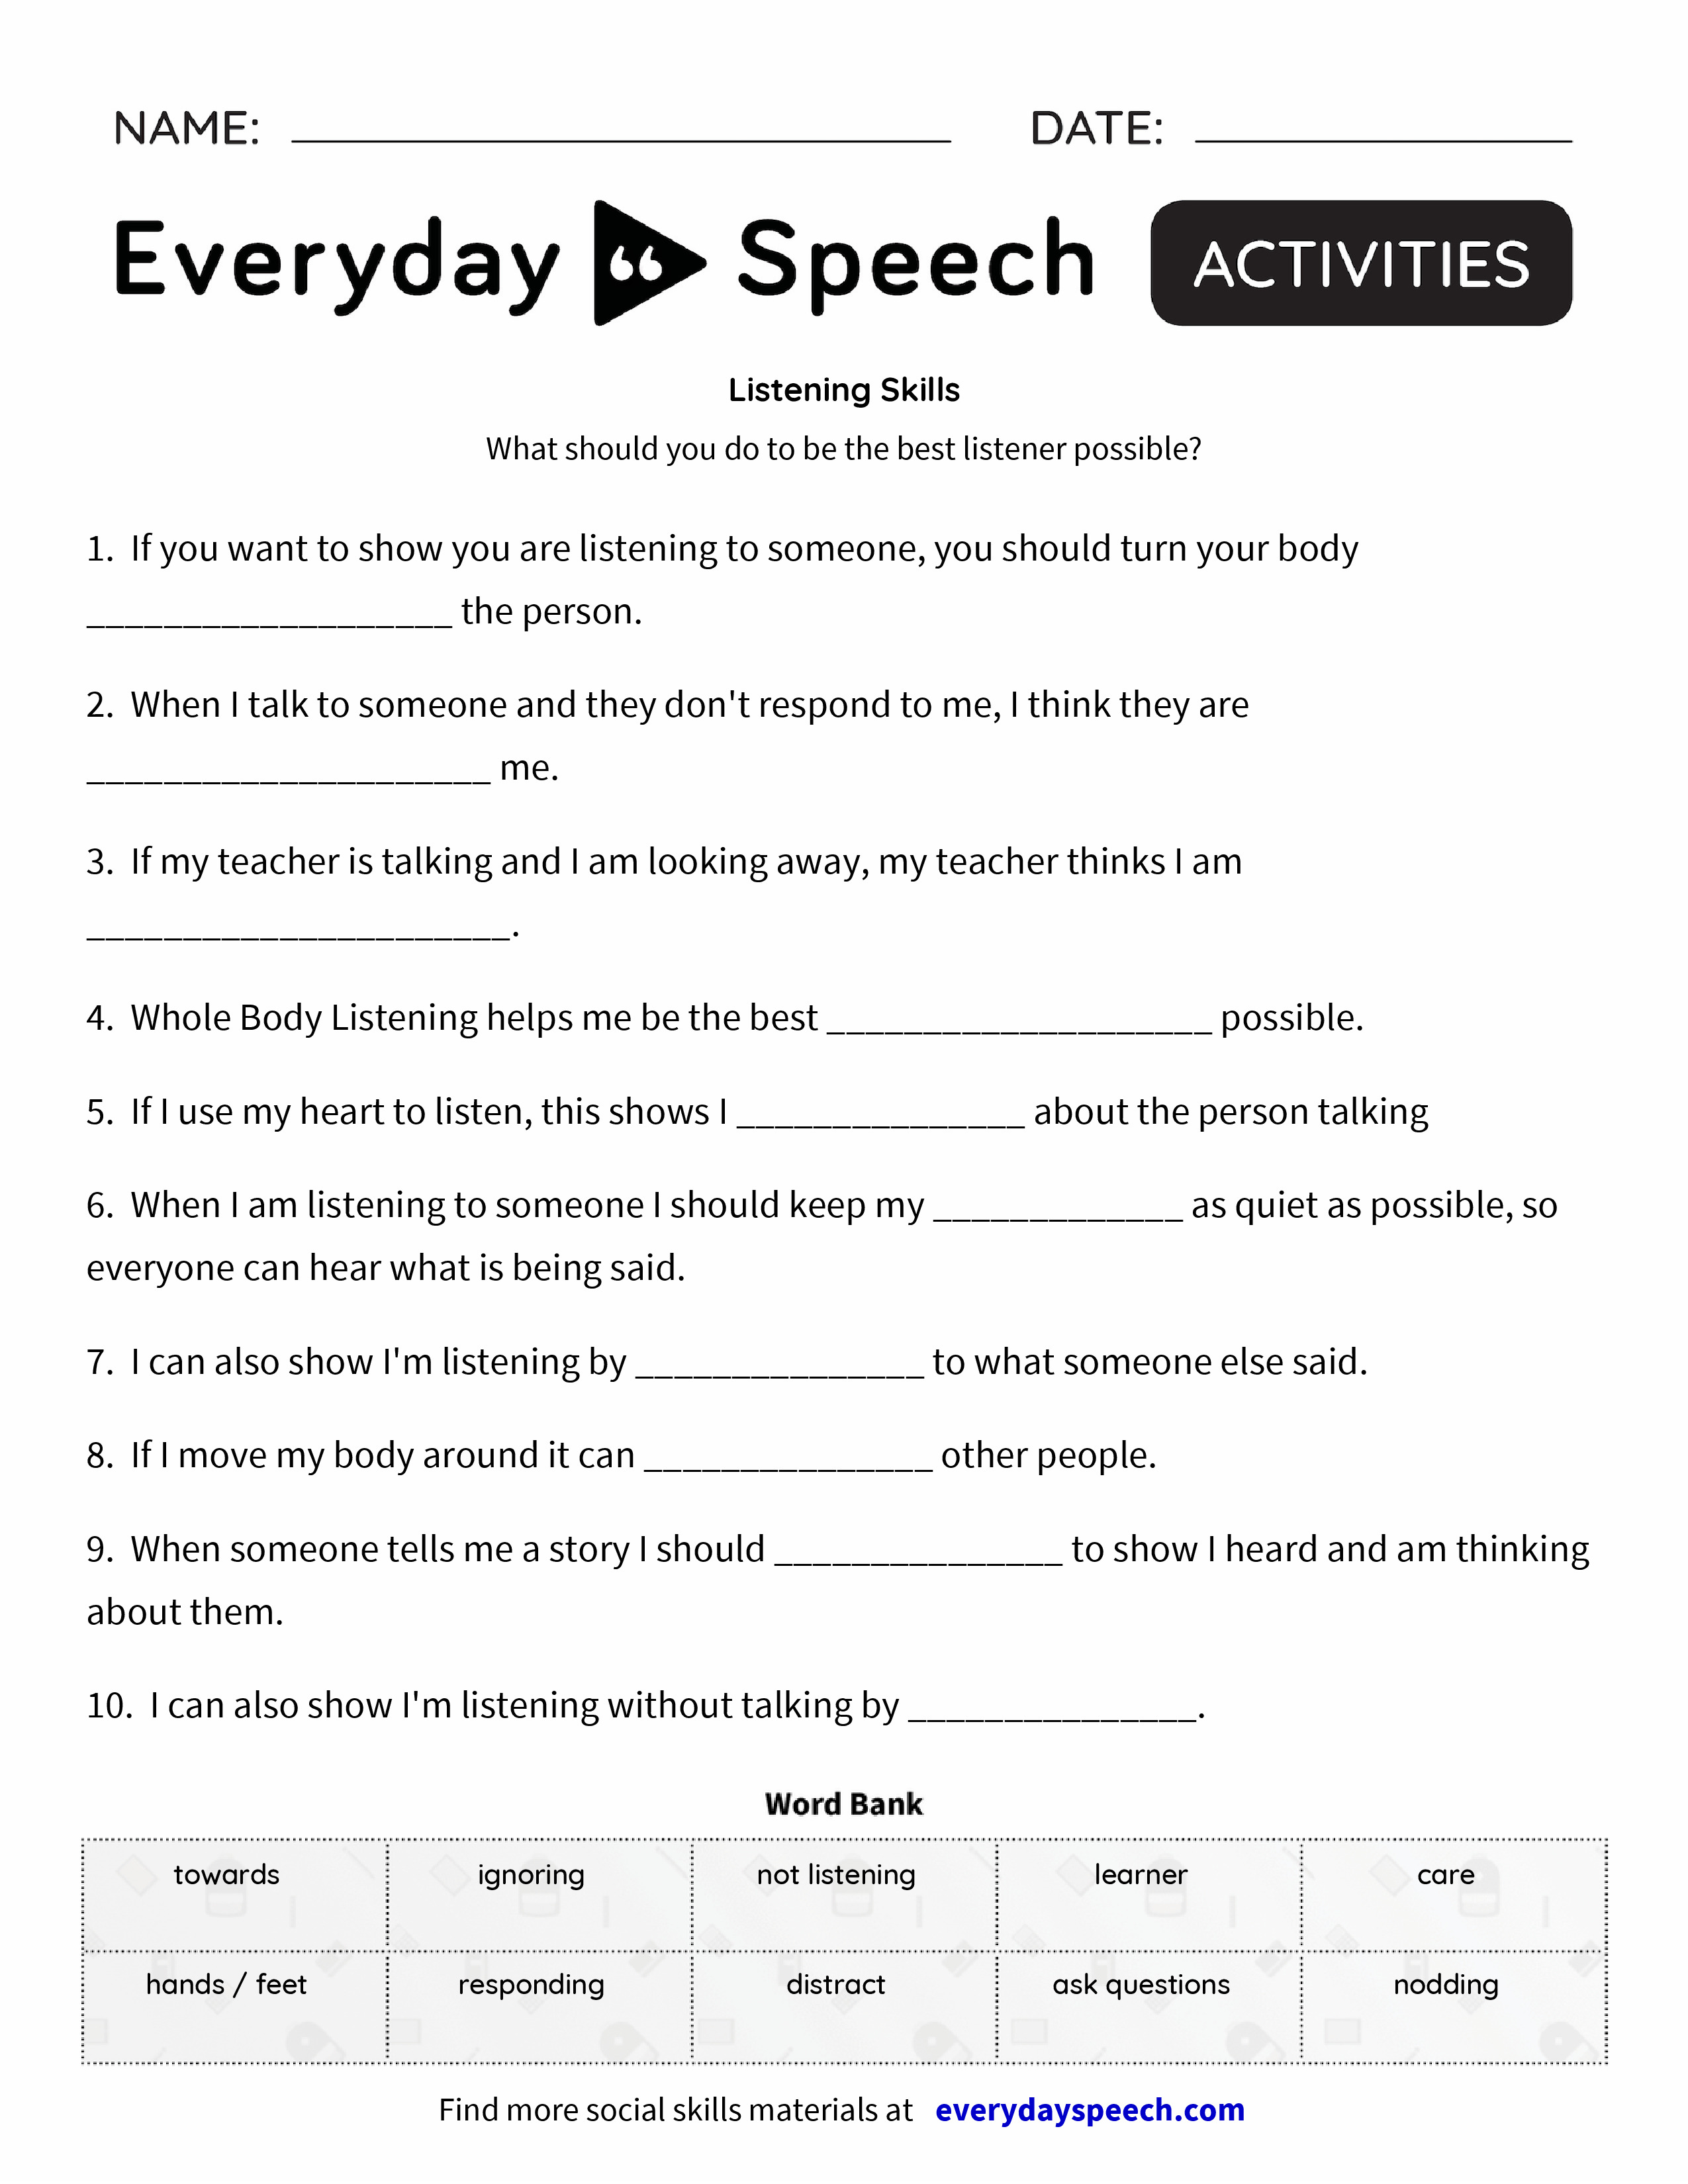 Listening Skills - Everyday Speech - Everyday Speech